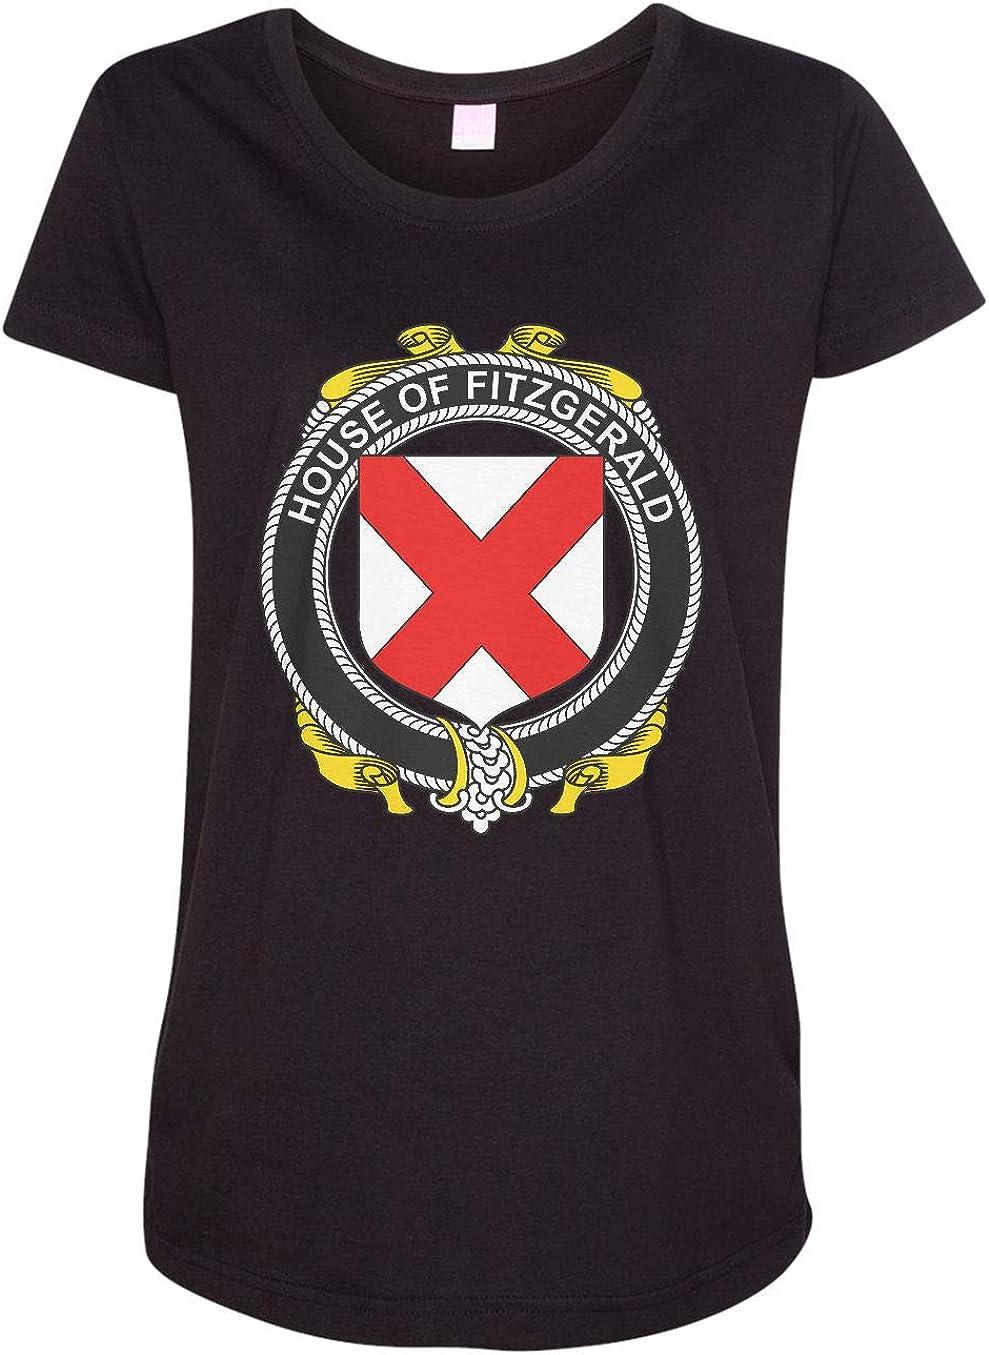 HARD EDGE DESIGN Women's Irish House Heraldry Fitzgerald T-Shirt